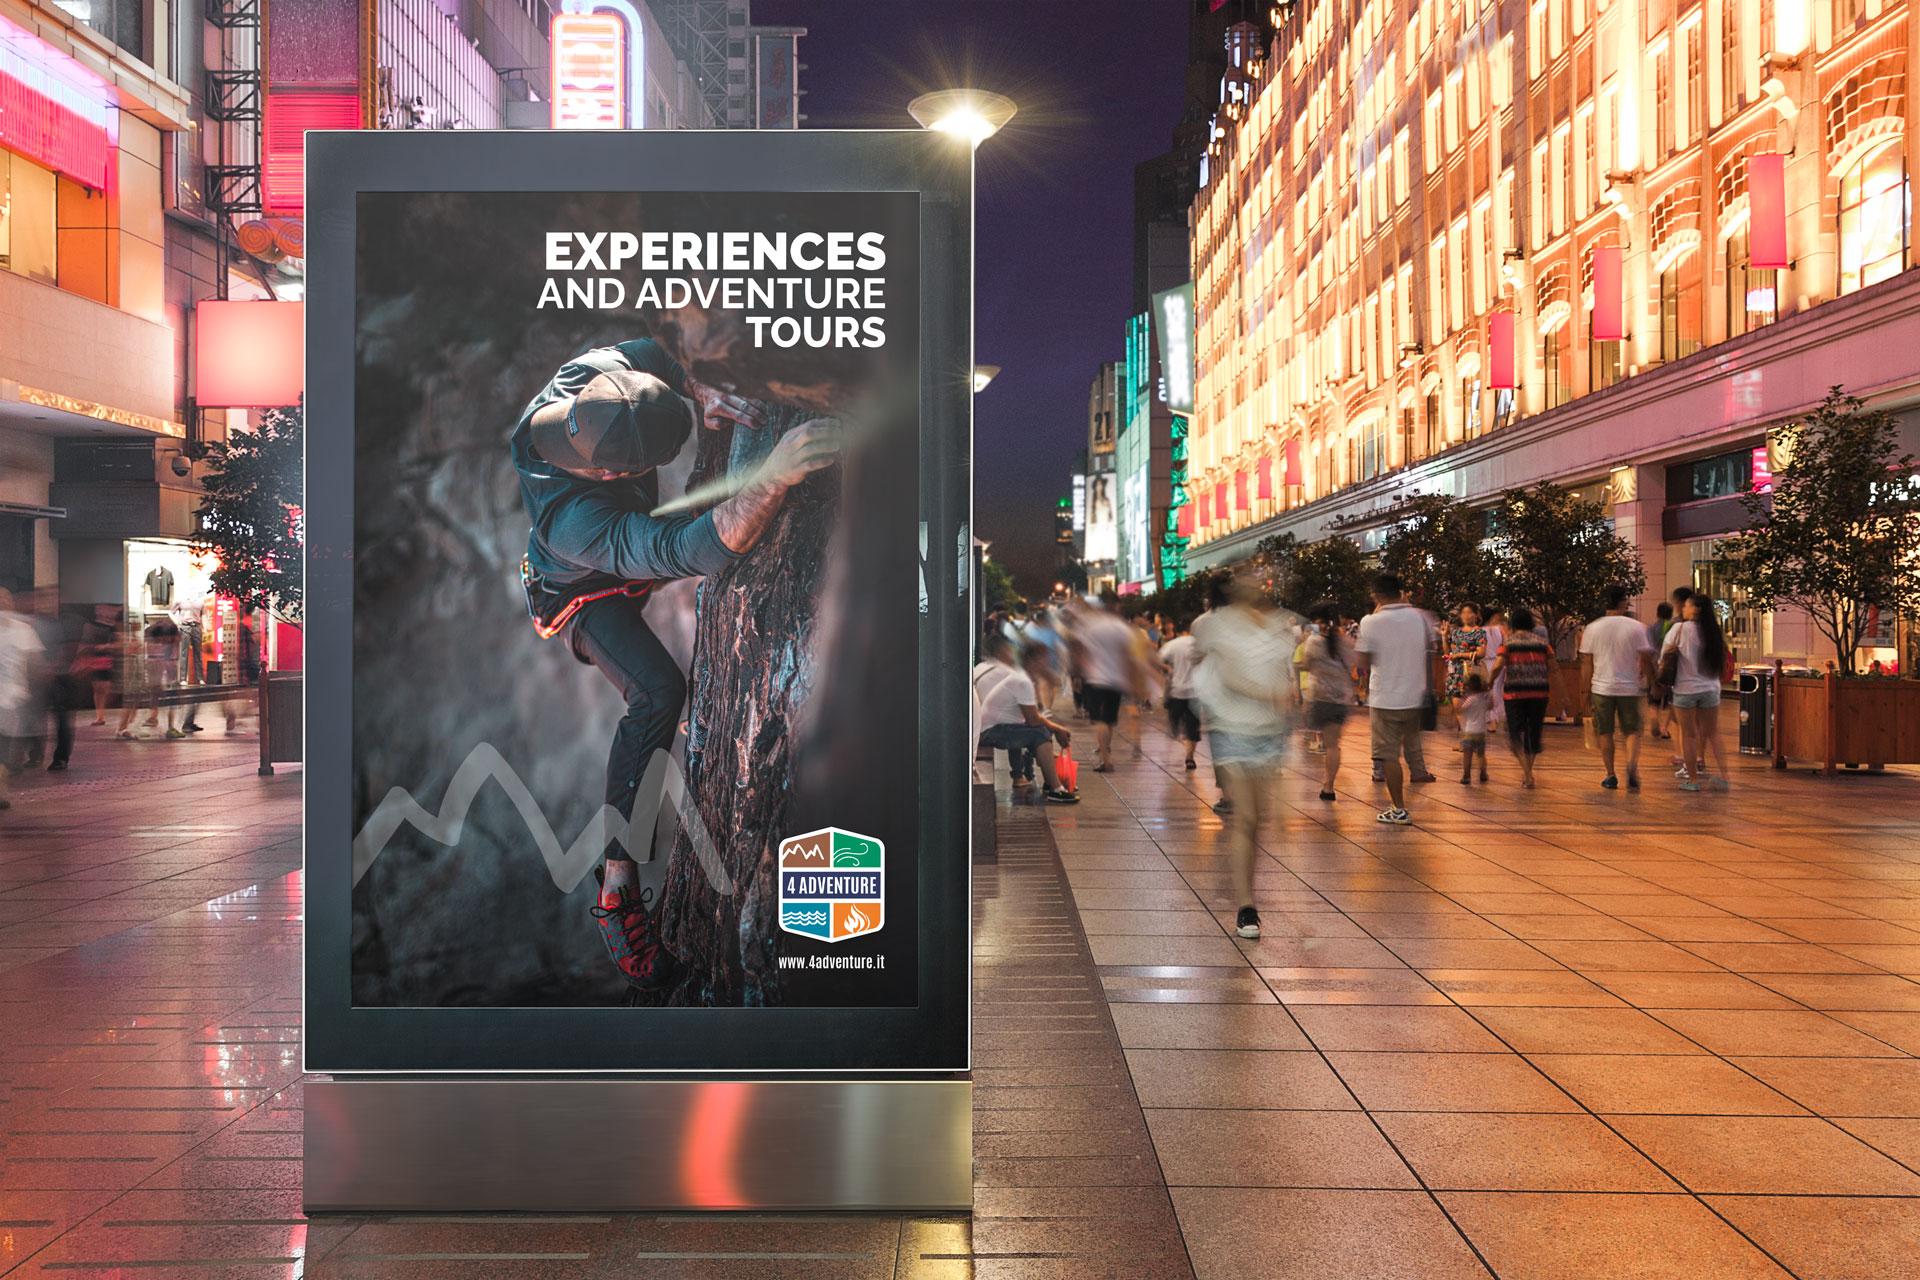 Pubblicità 4 Adventure su cartellone pubblicitario verticale